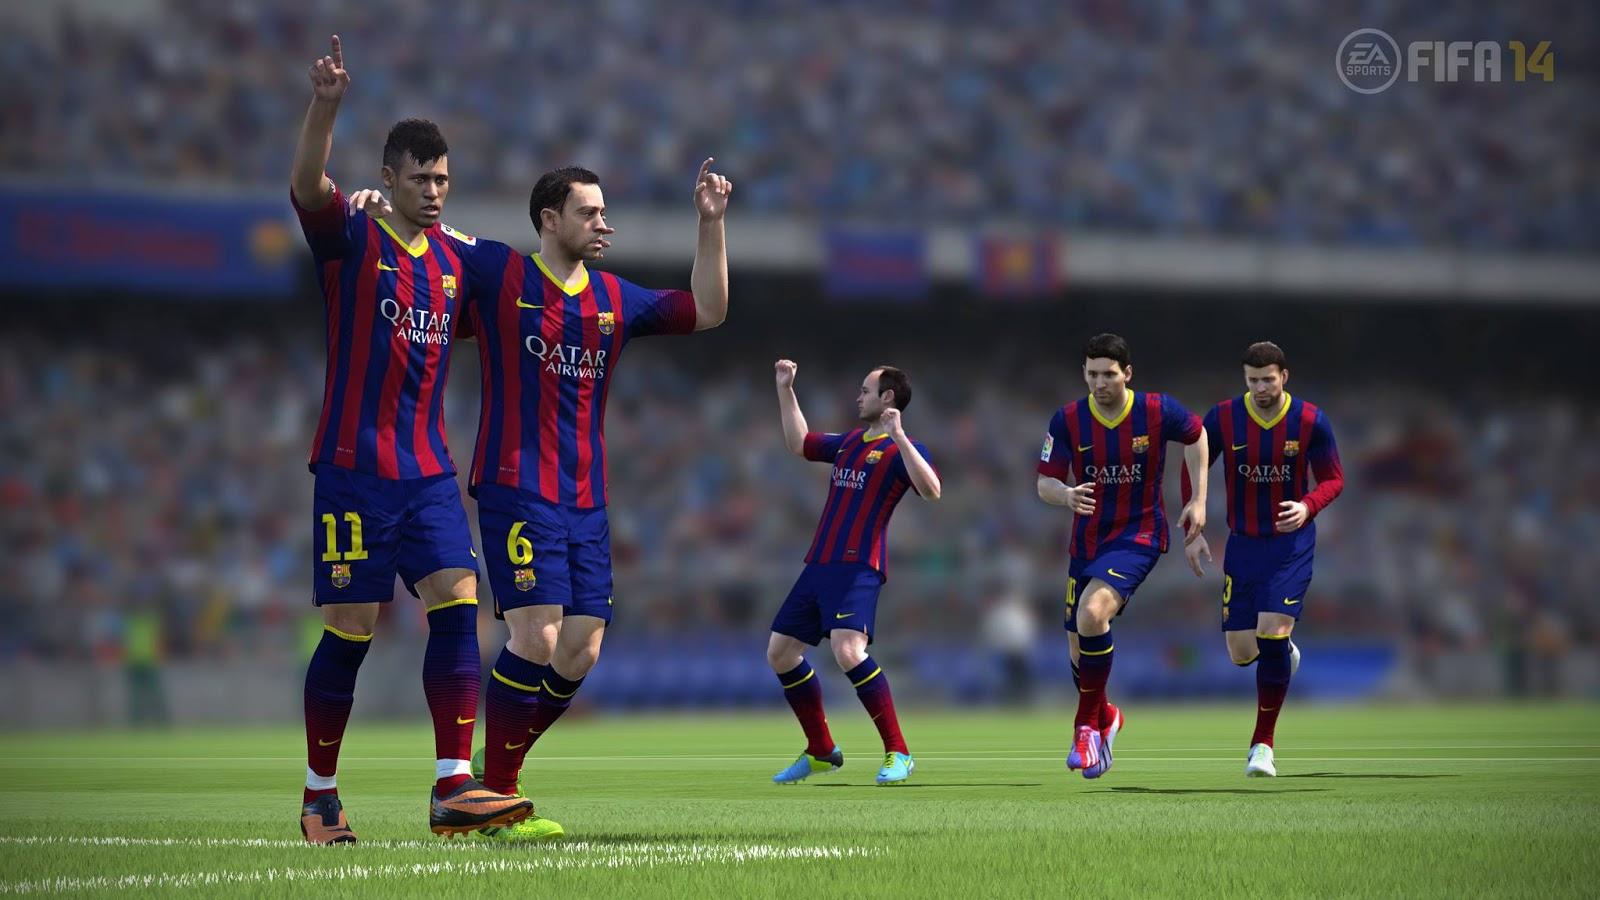 جدیدترین تریلر منتشر شده از Fifa 15 در 29 تیر ماه